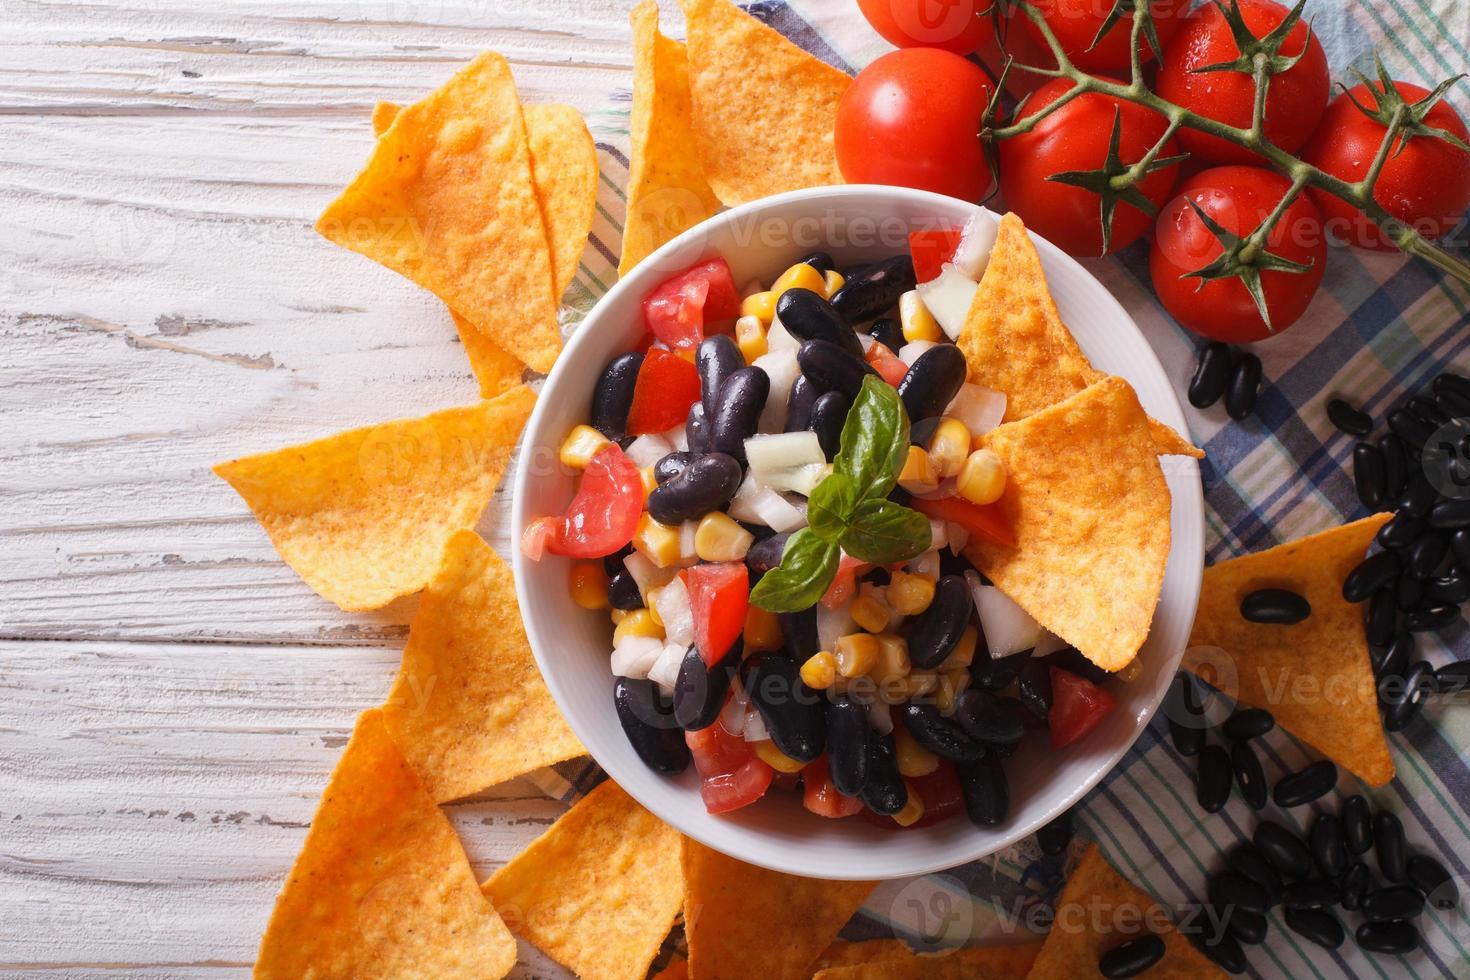 mexikanische Salsa mit Bohnen und Corn Chips Nachos. horizontale Oberseite foto